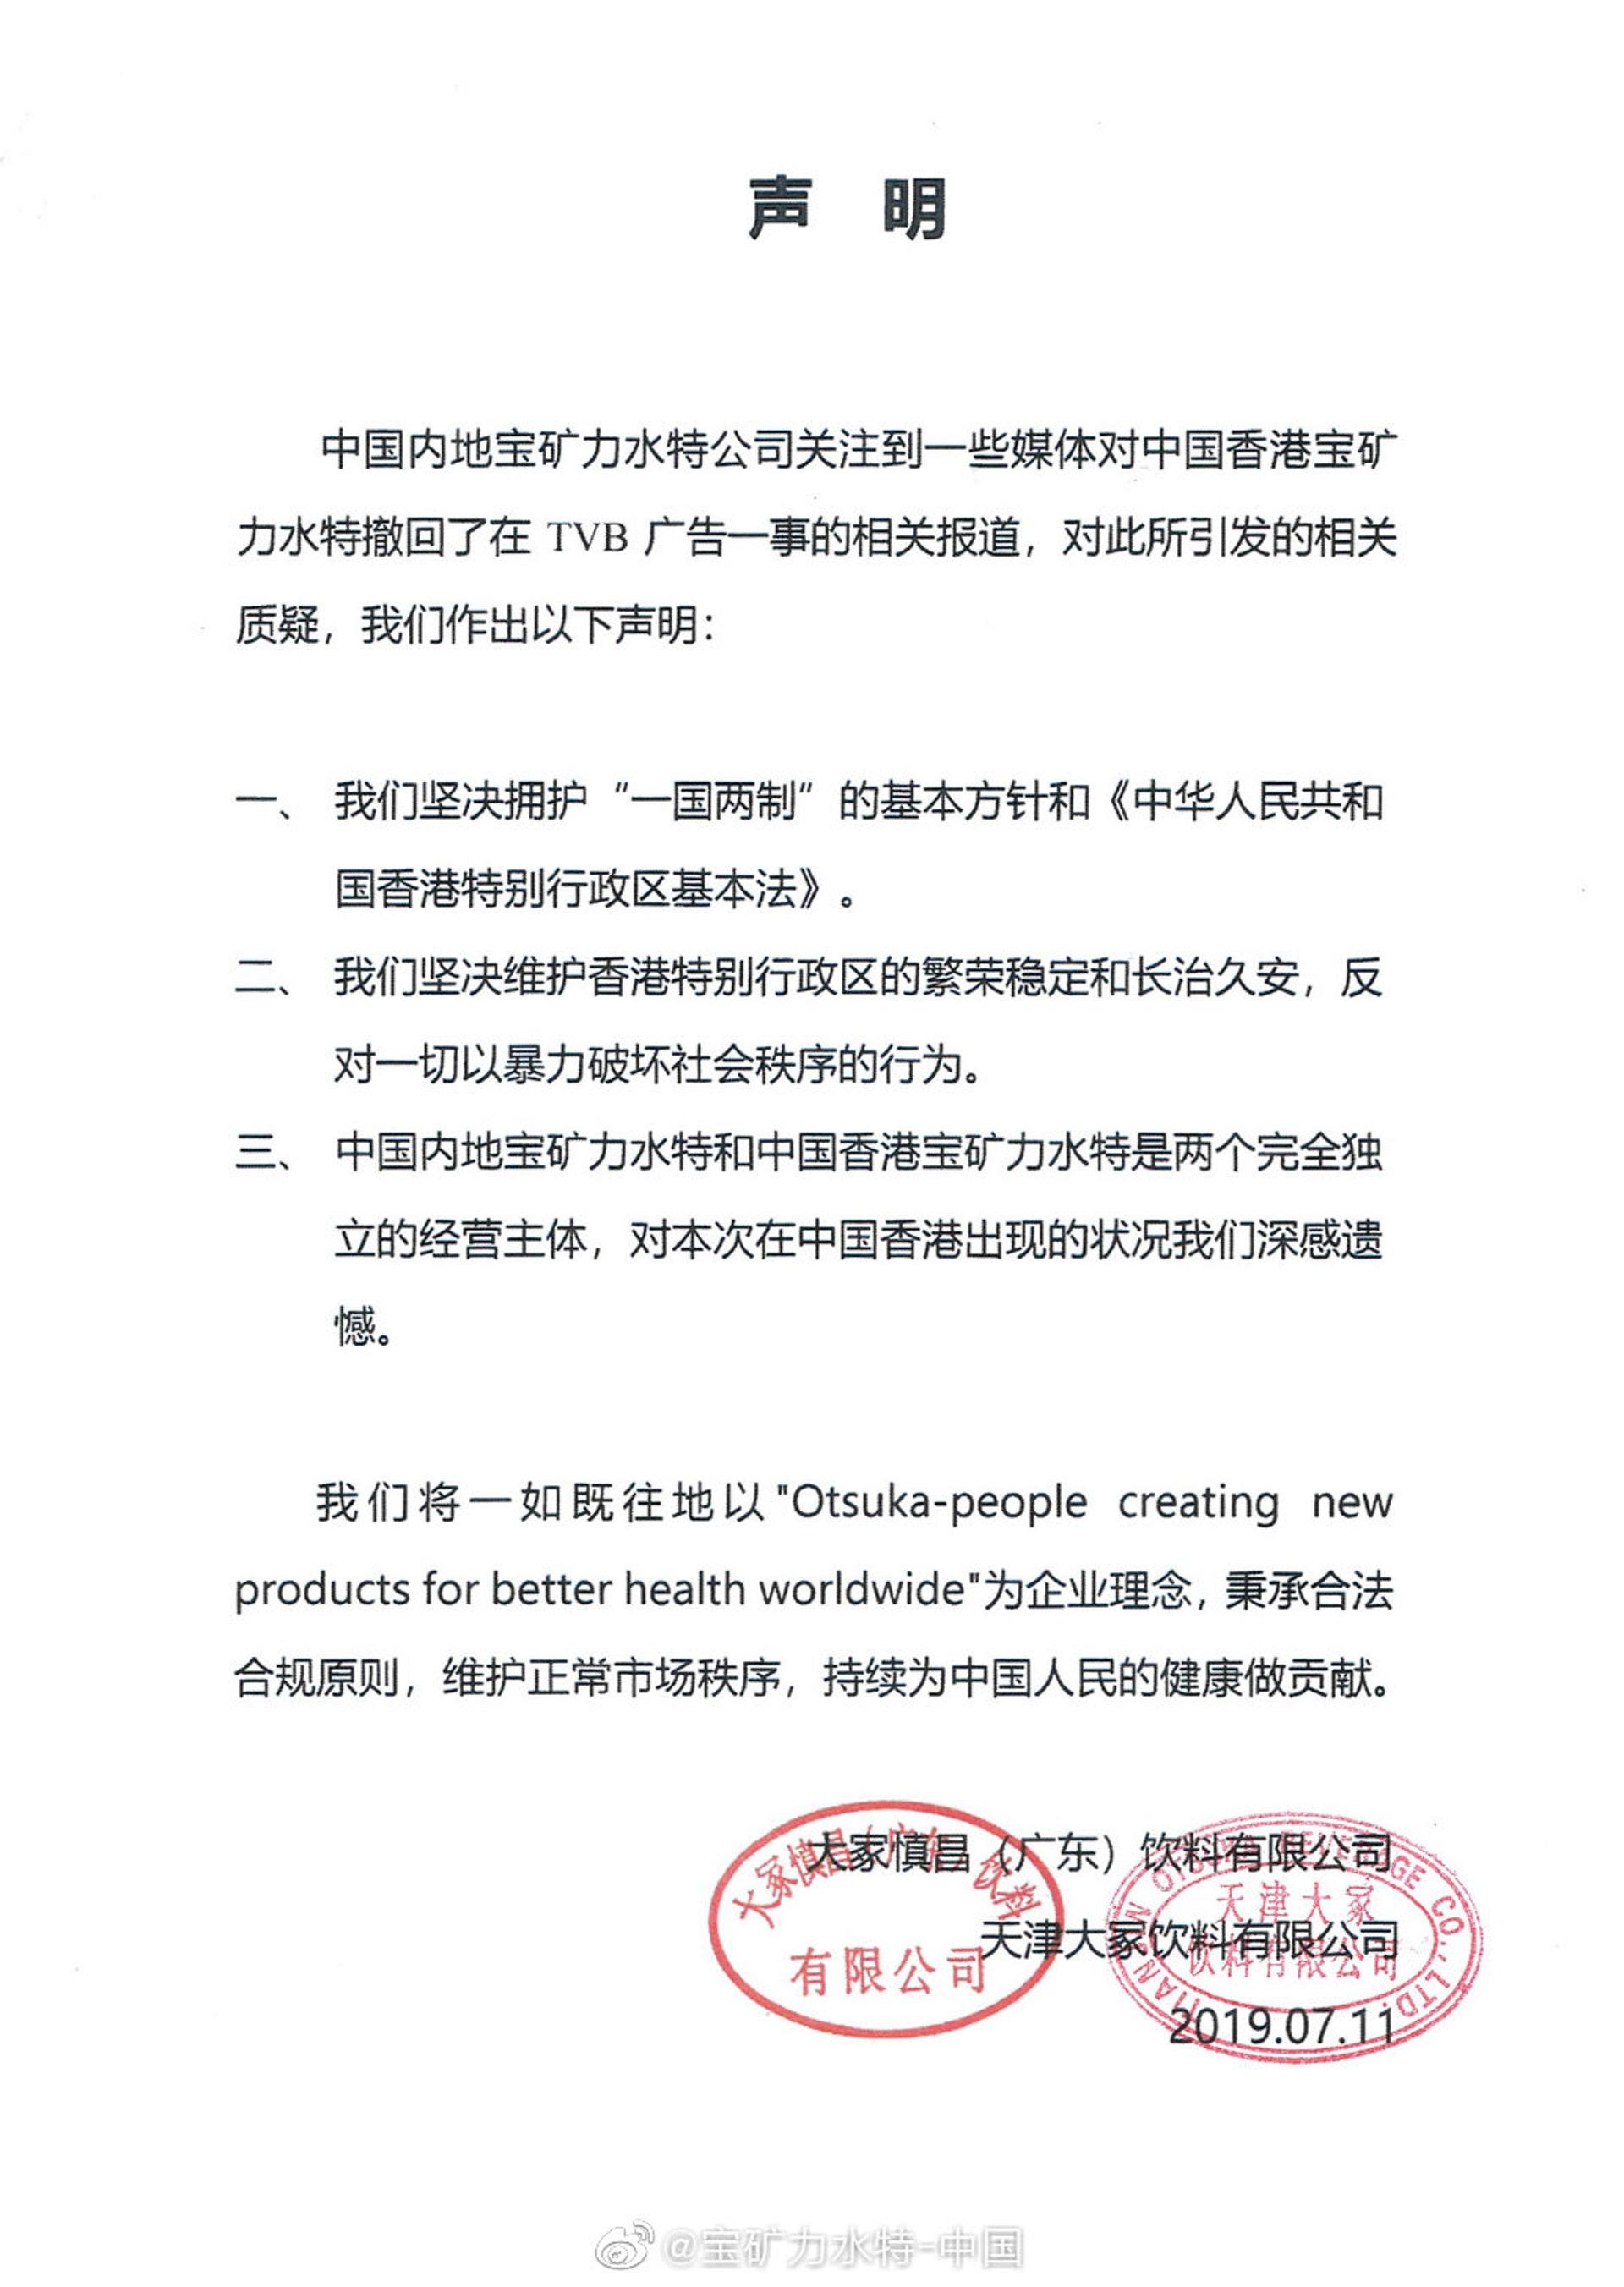 """宝矿力水特中国发声明指与香港公司是""""两个完全独立的经营主体""""。(微博)"""